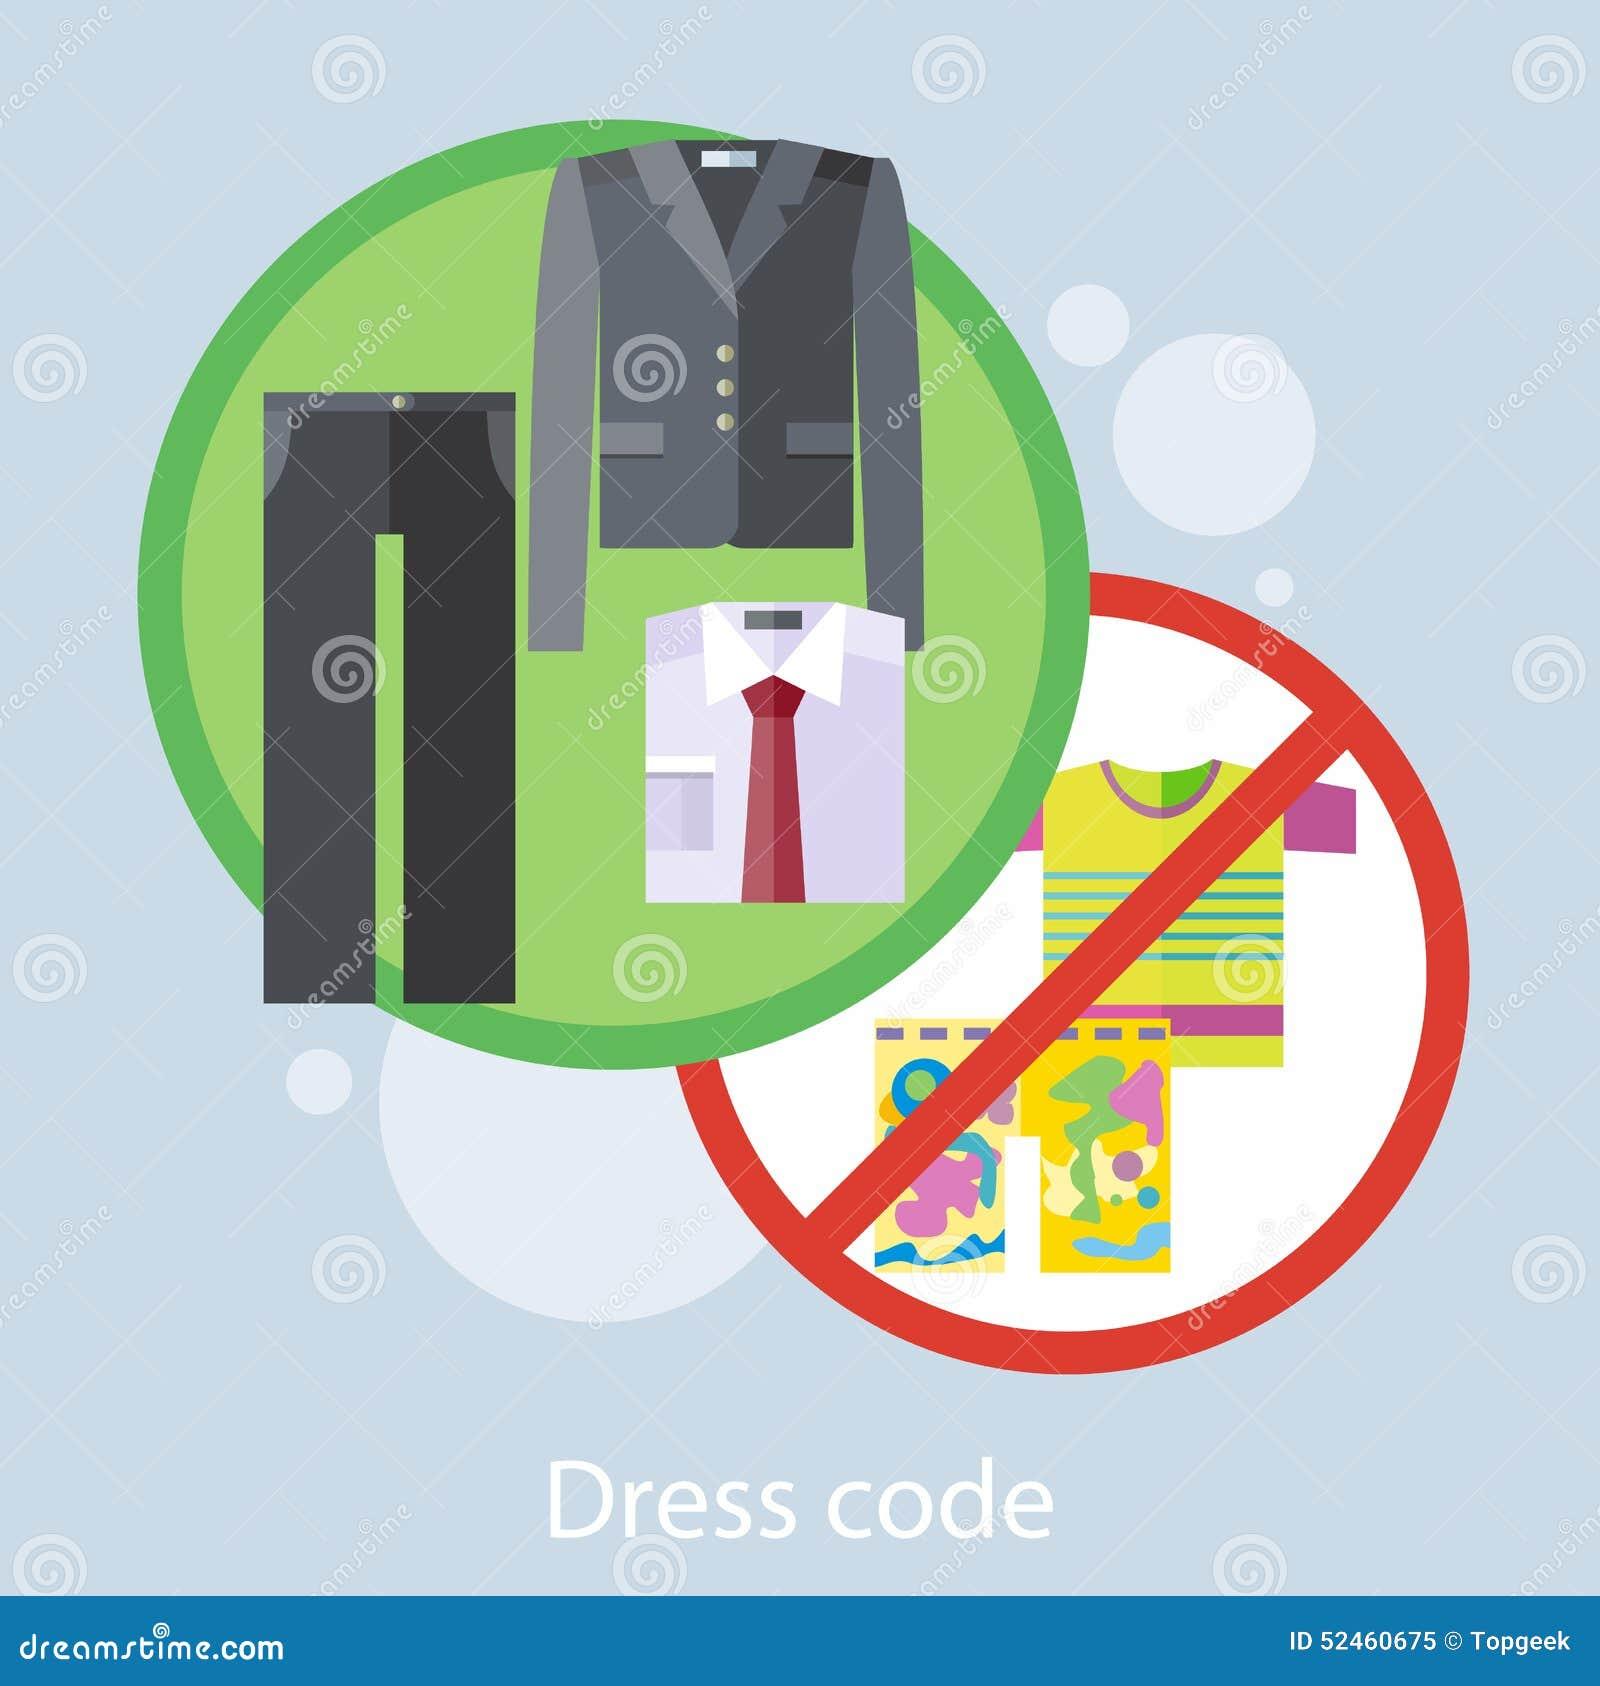 Concept de code vestimentaire illustration de vecteur for Code vestimentaire royal de mariage